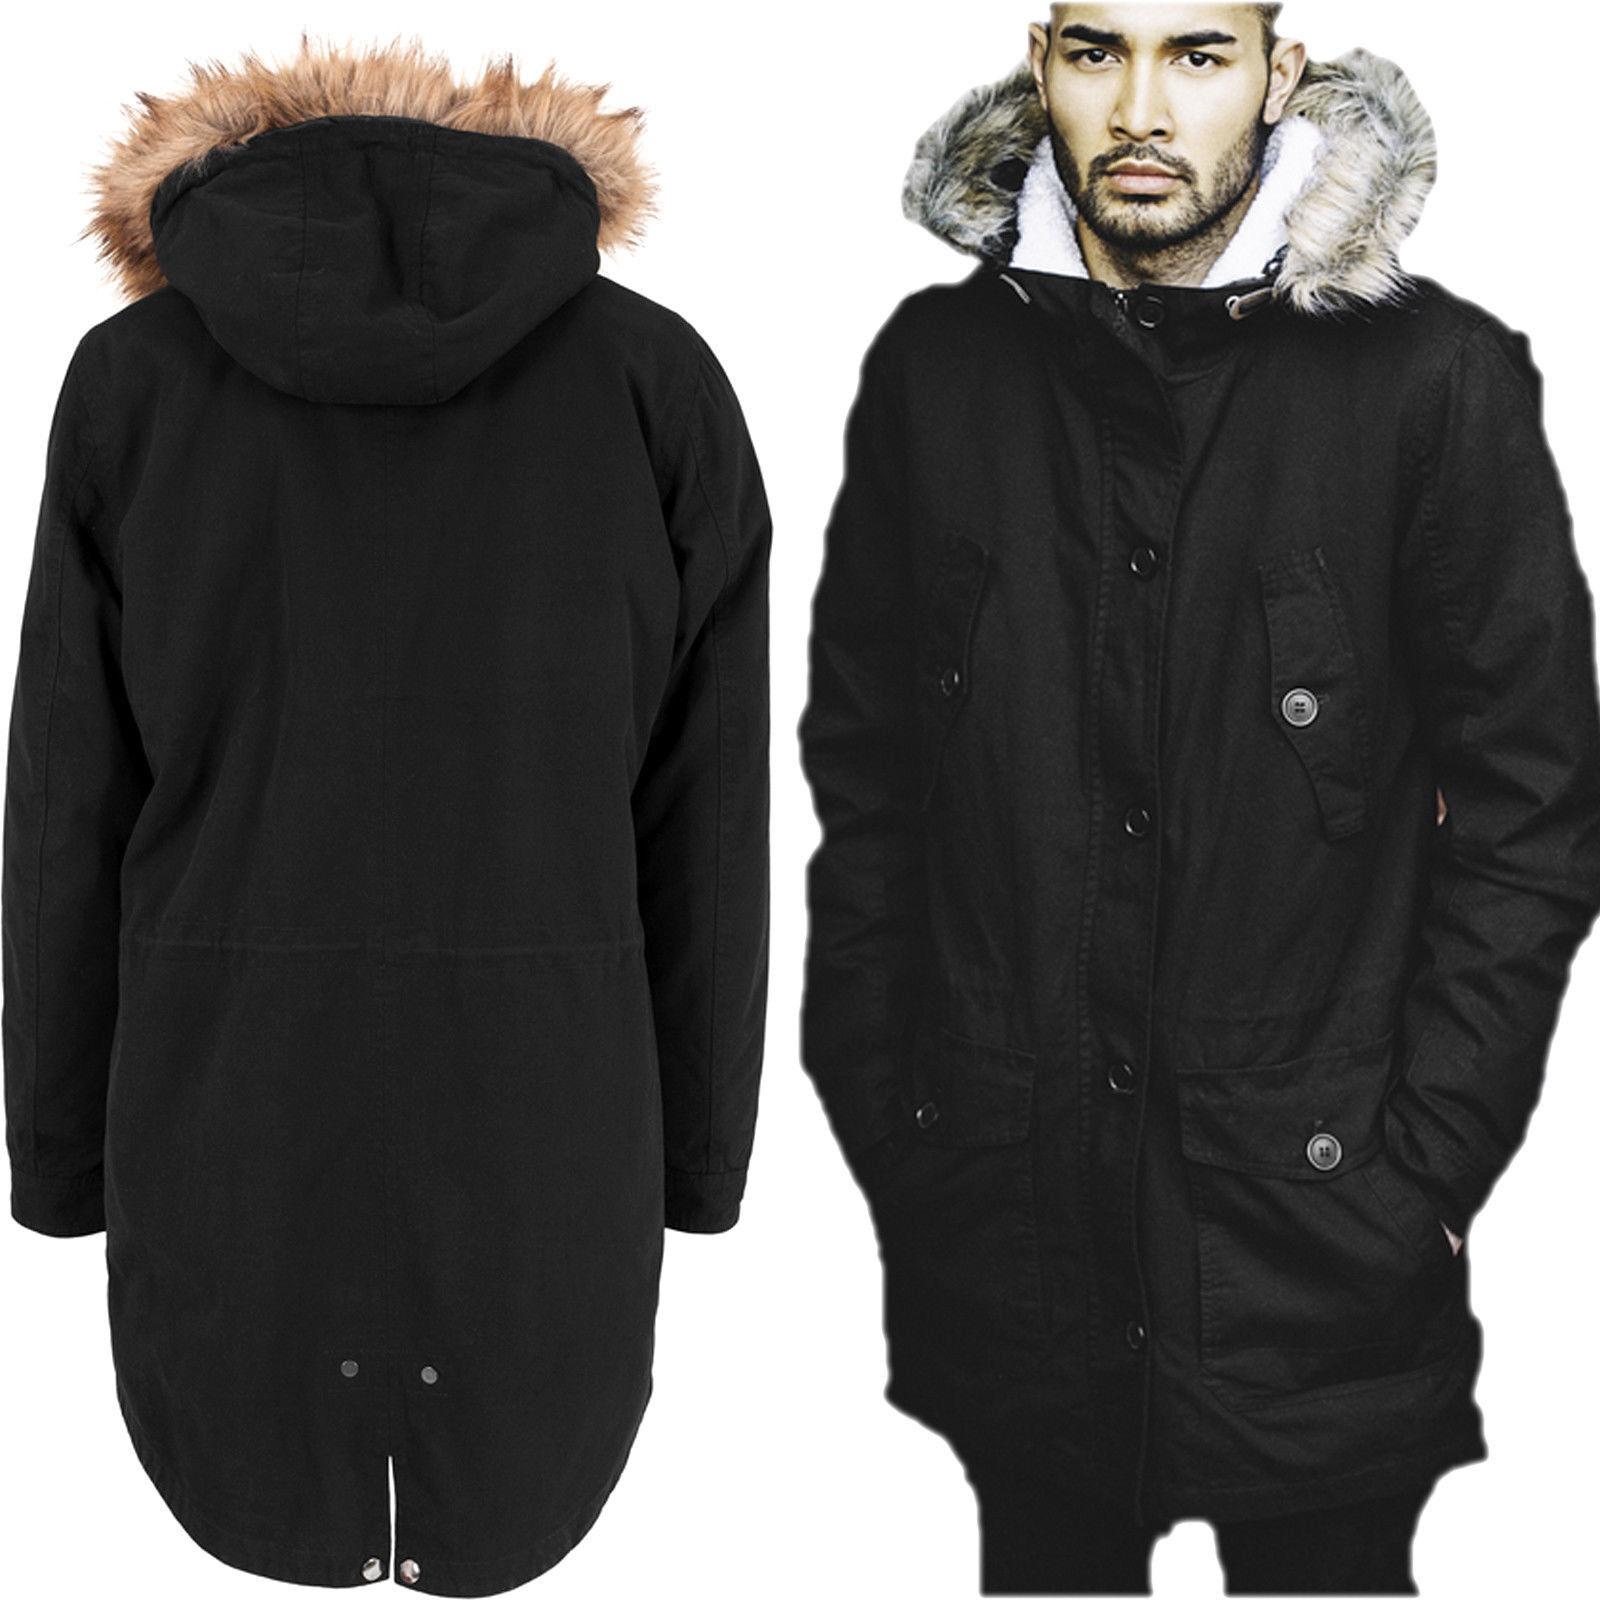 Manteau d hiver en coton Sherpa Line Urban Classics Line avec capuche en fourrure